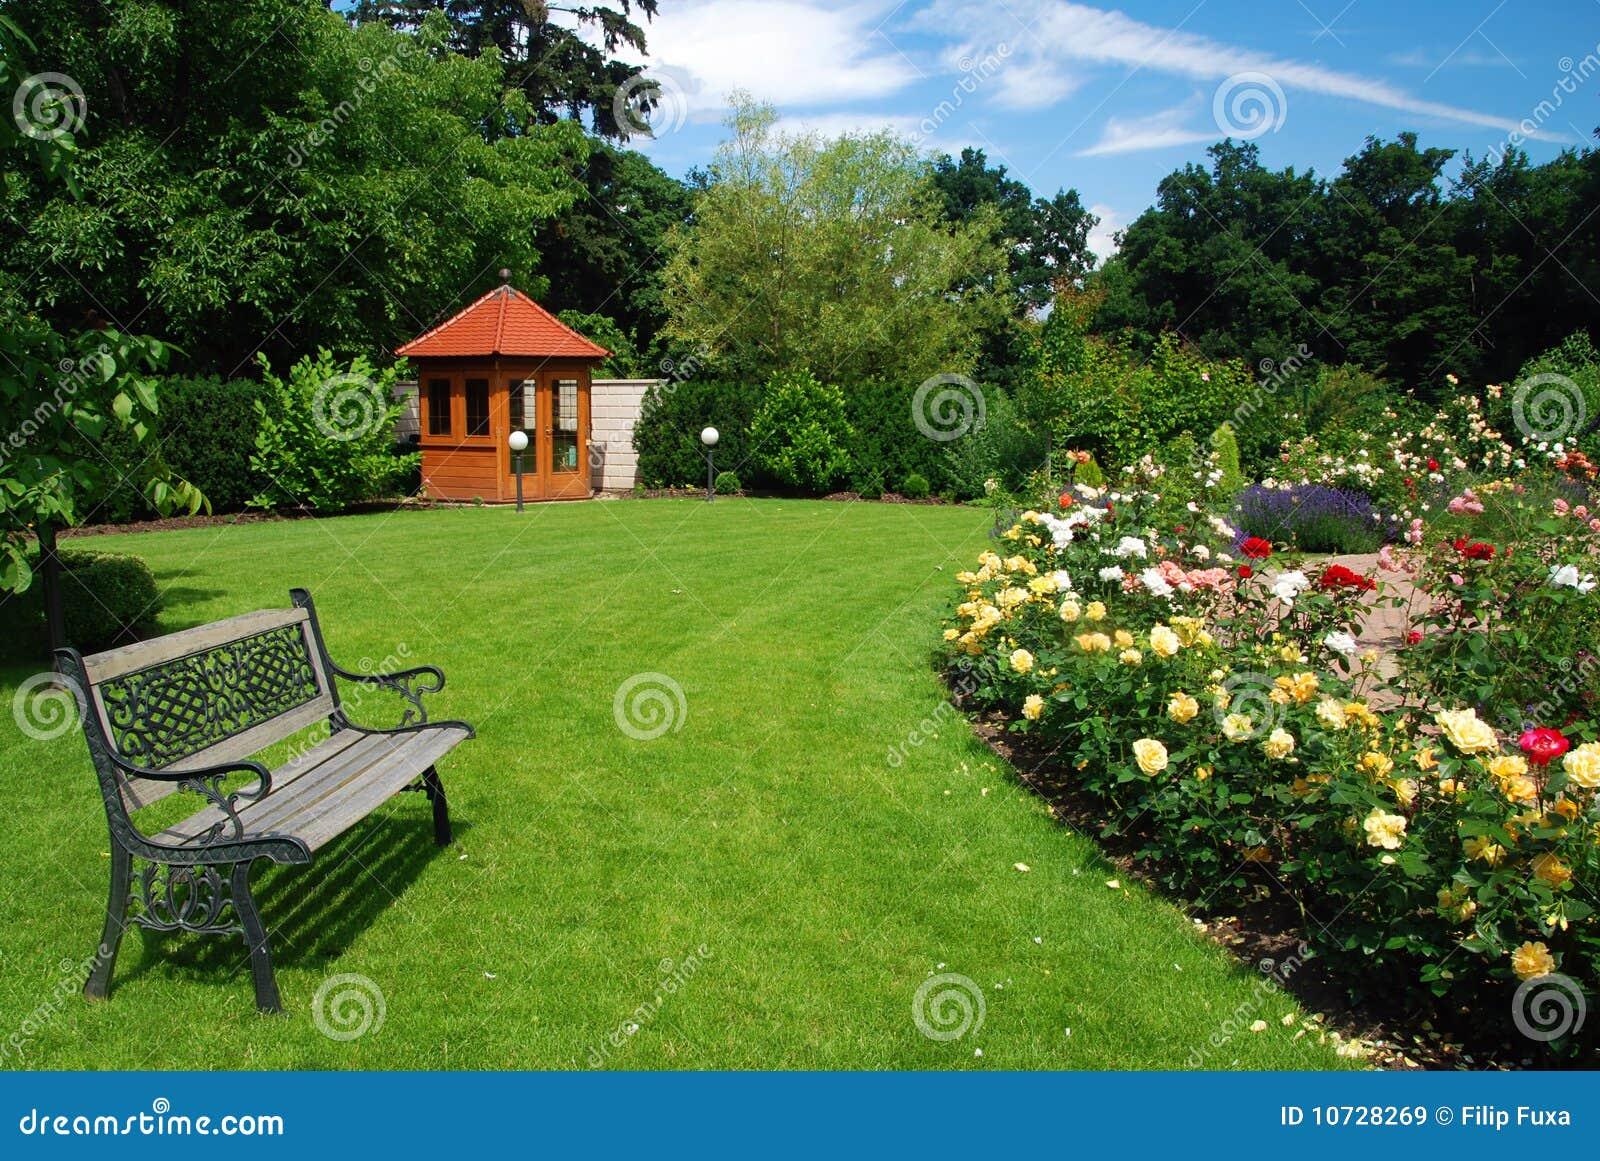 imagens jardim de rosas:Jardim bonito com rosas de florescência, trajeto do tijolo, banco e